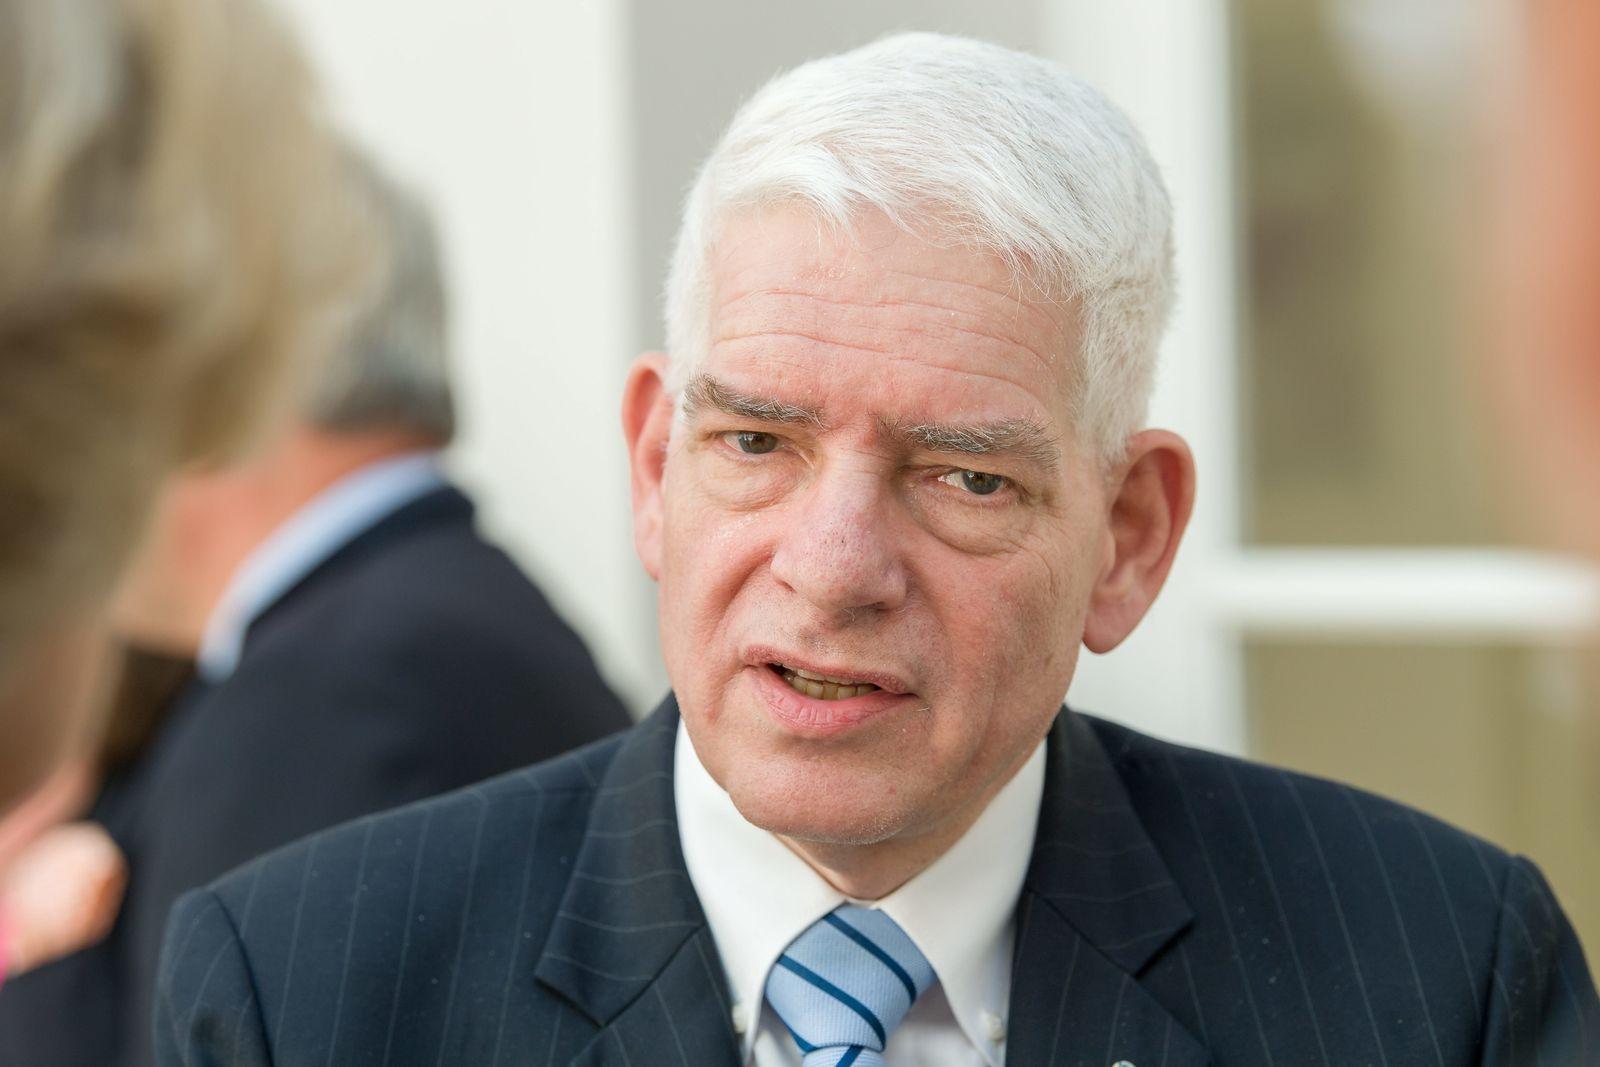 Josef Schuster/ Präsident des Zentralrates der Juden